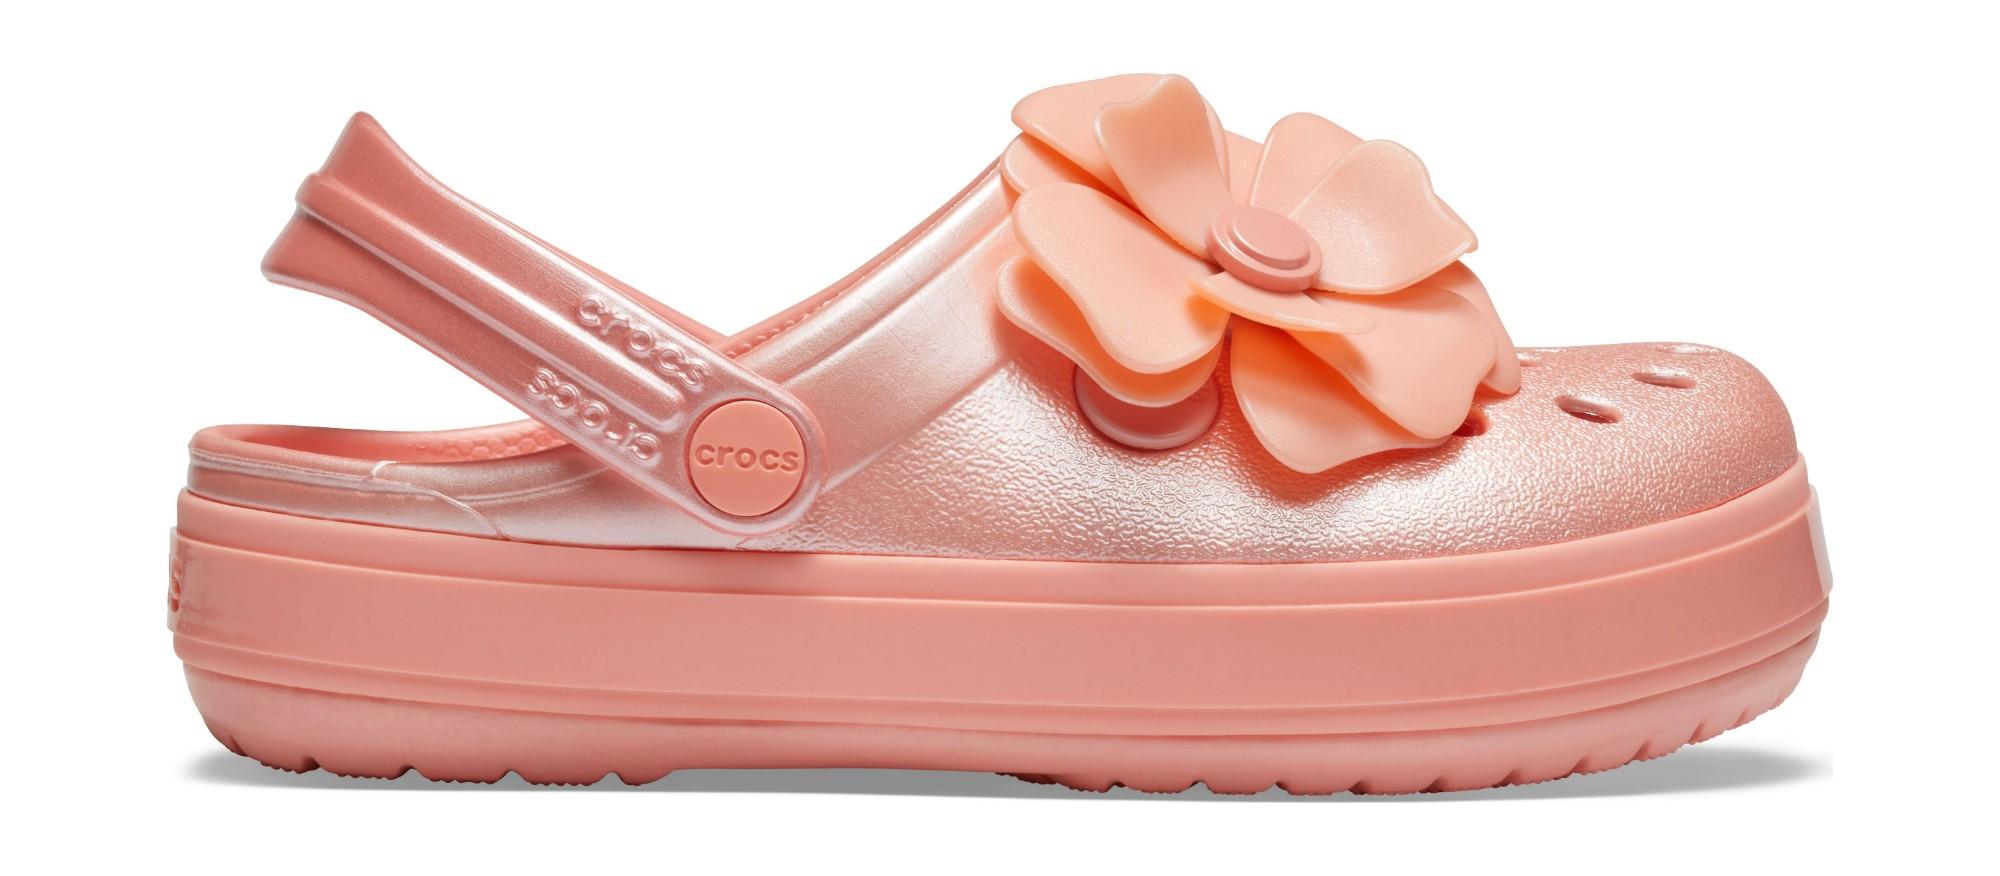 Crocs™ Crocband Vivid Blooms Clog Kid's Melon 26